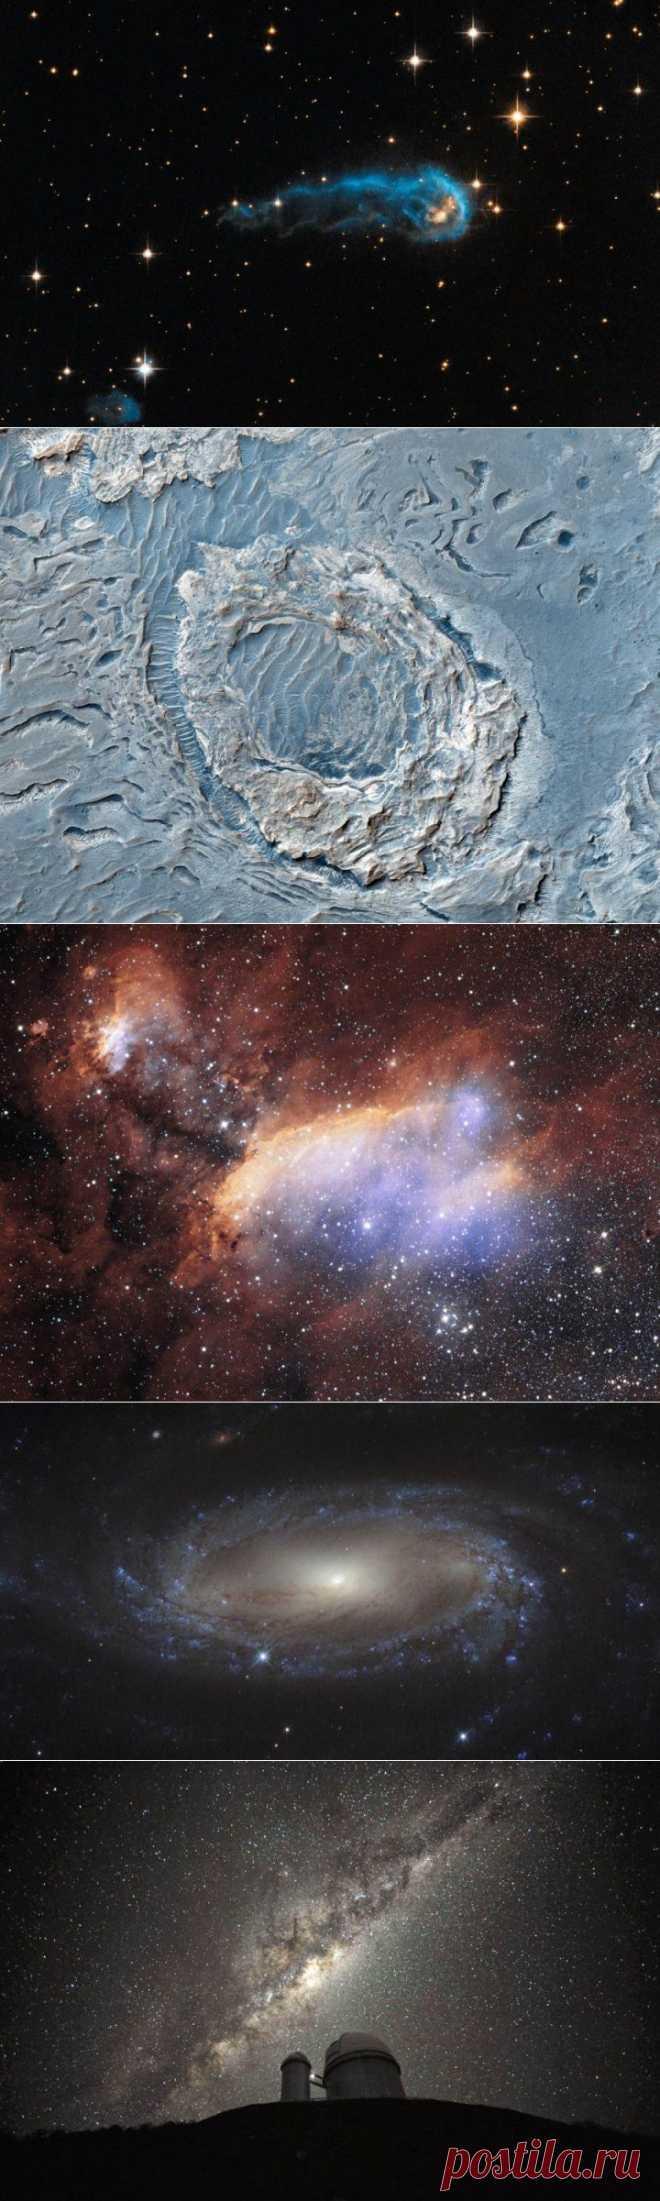 (+1) тема - Рядом с космосом! | НАУКА И ЖИЗНЬ